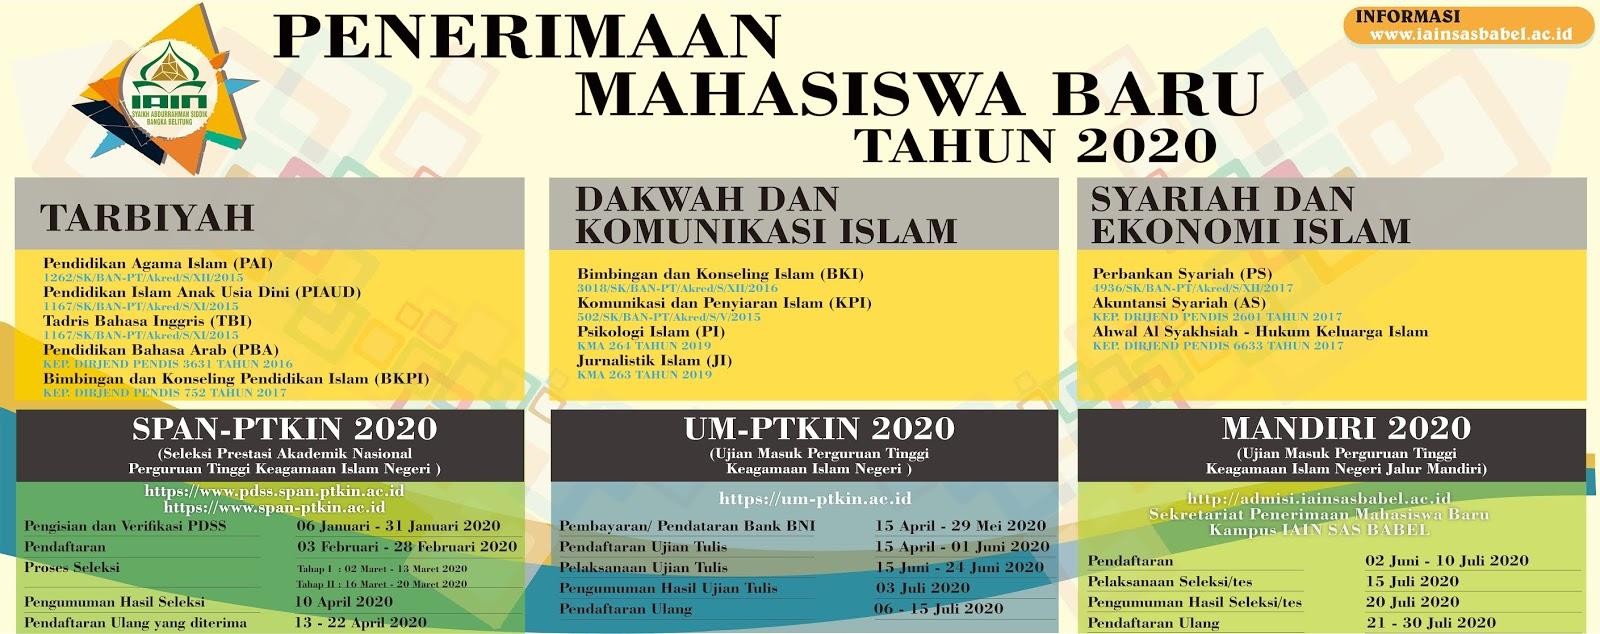 Penerimaan Mahasiswa Baru IAIN SAS Bangka Belitung Tahun 2020